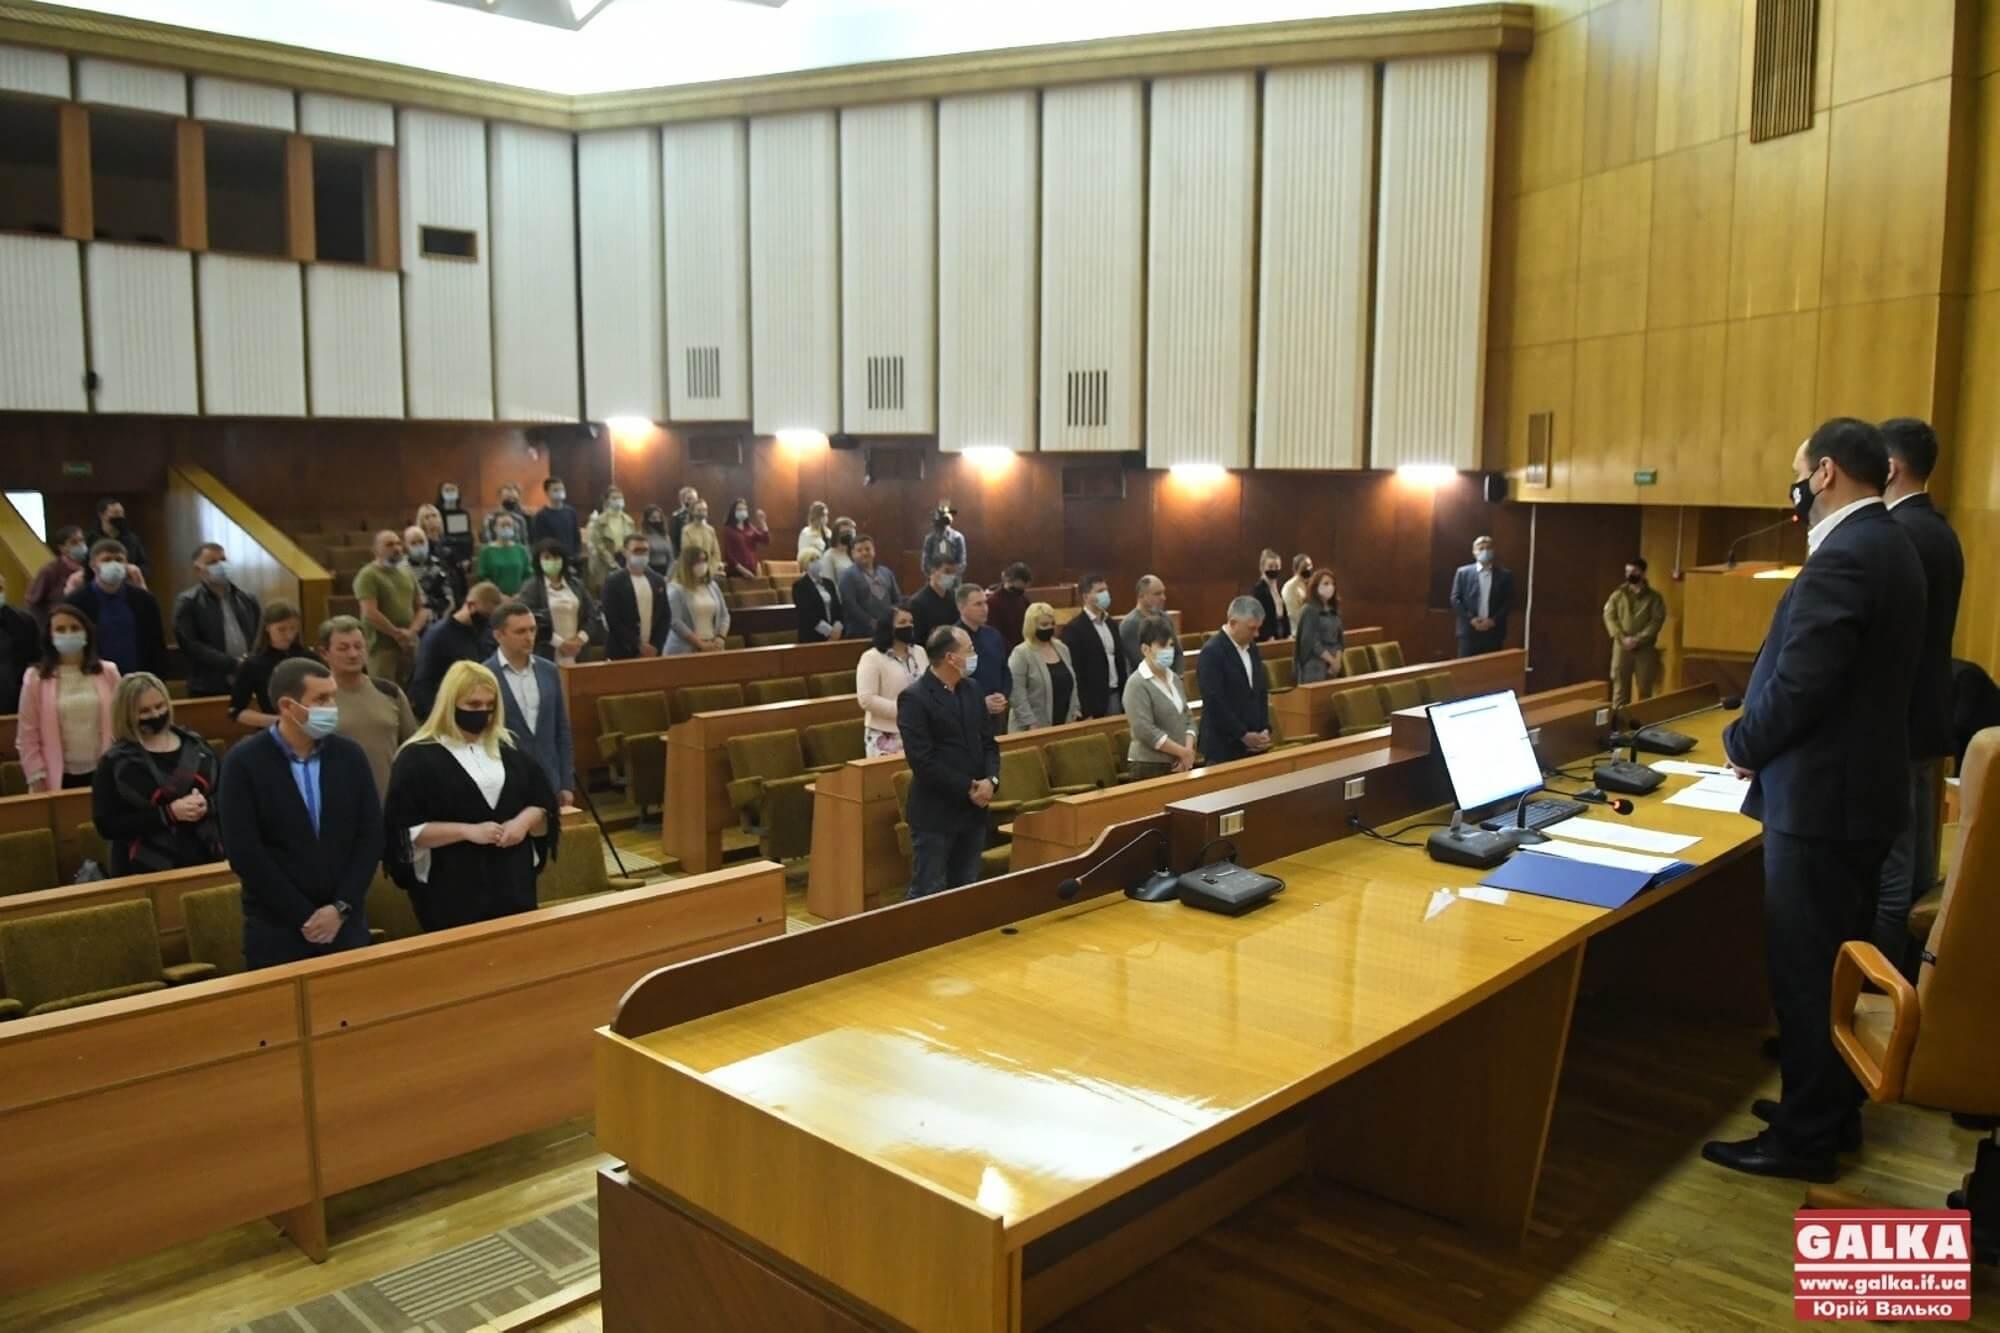 Депутати міськради вимагають в Уряду скасувати нововведення в оформленні та призначенні субсидій (ФОТО)